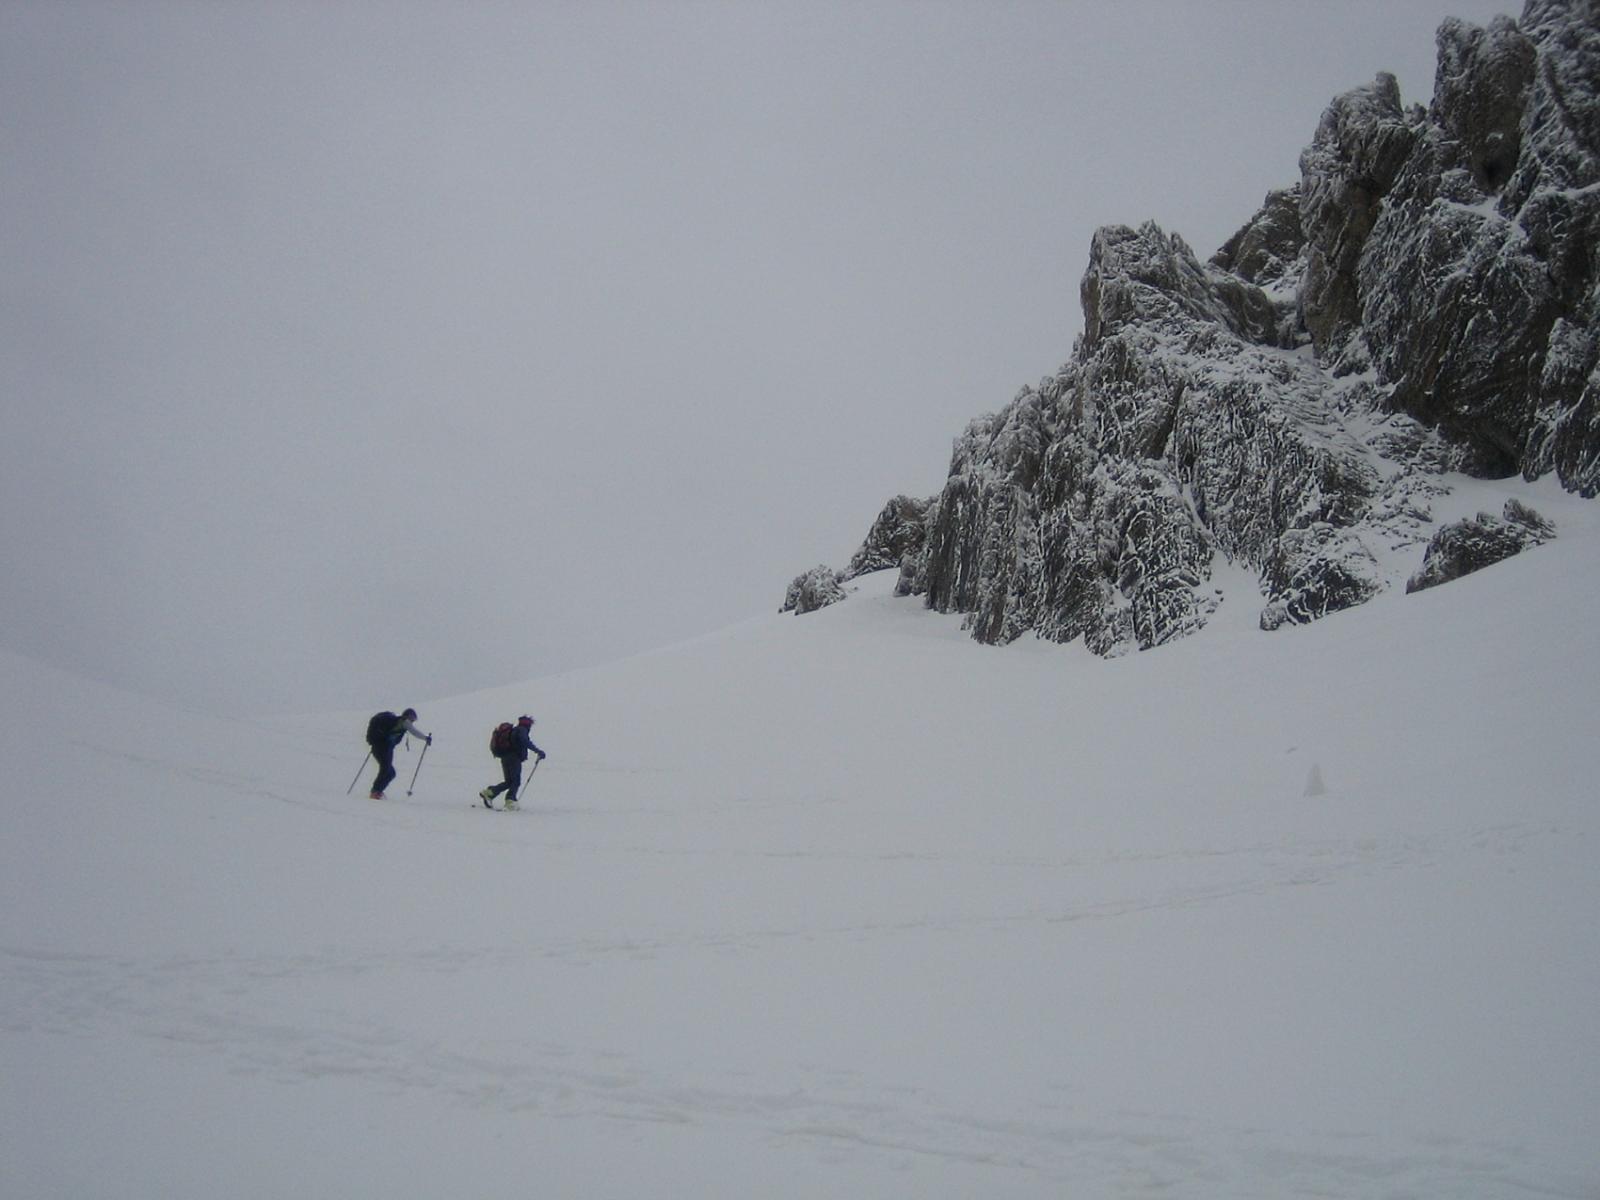 effimero ambiente invernale